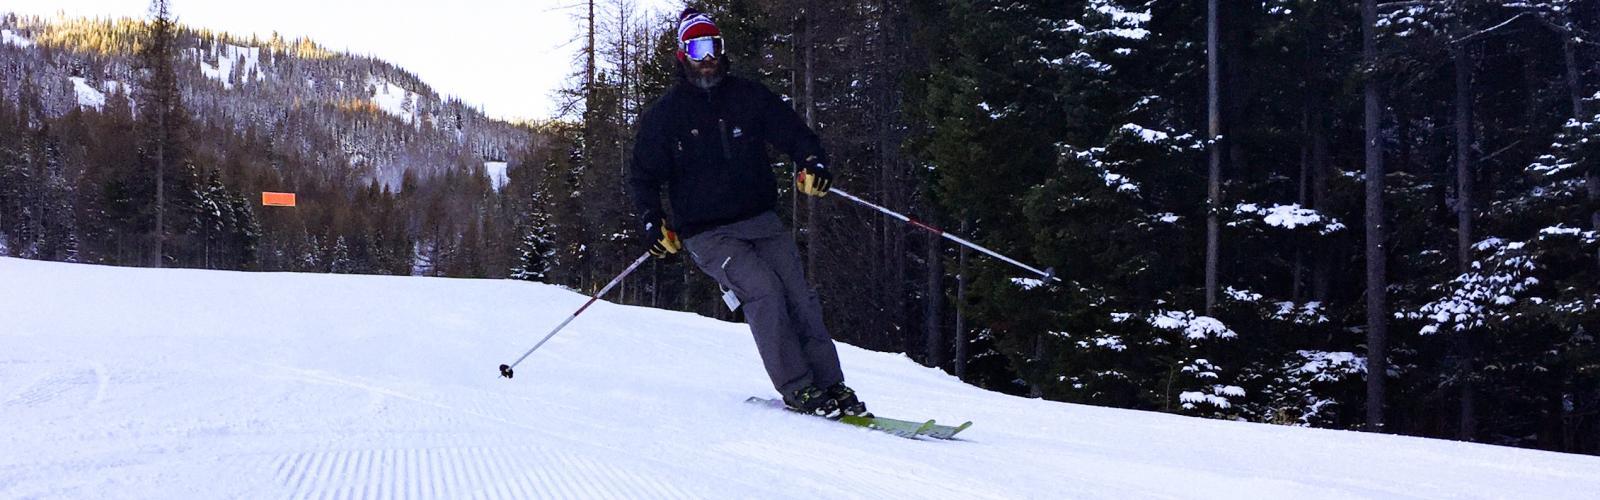 man in black skiing groomed slope